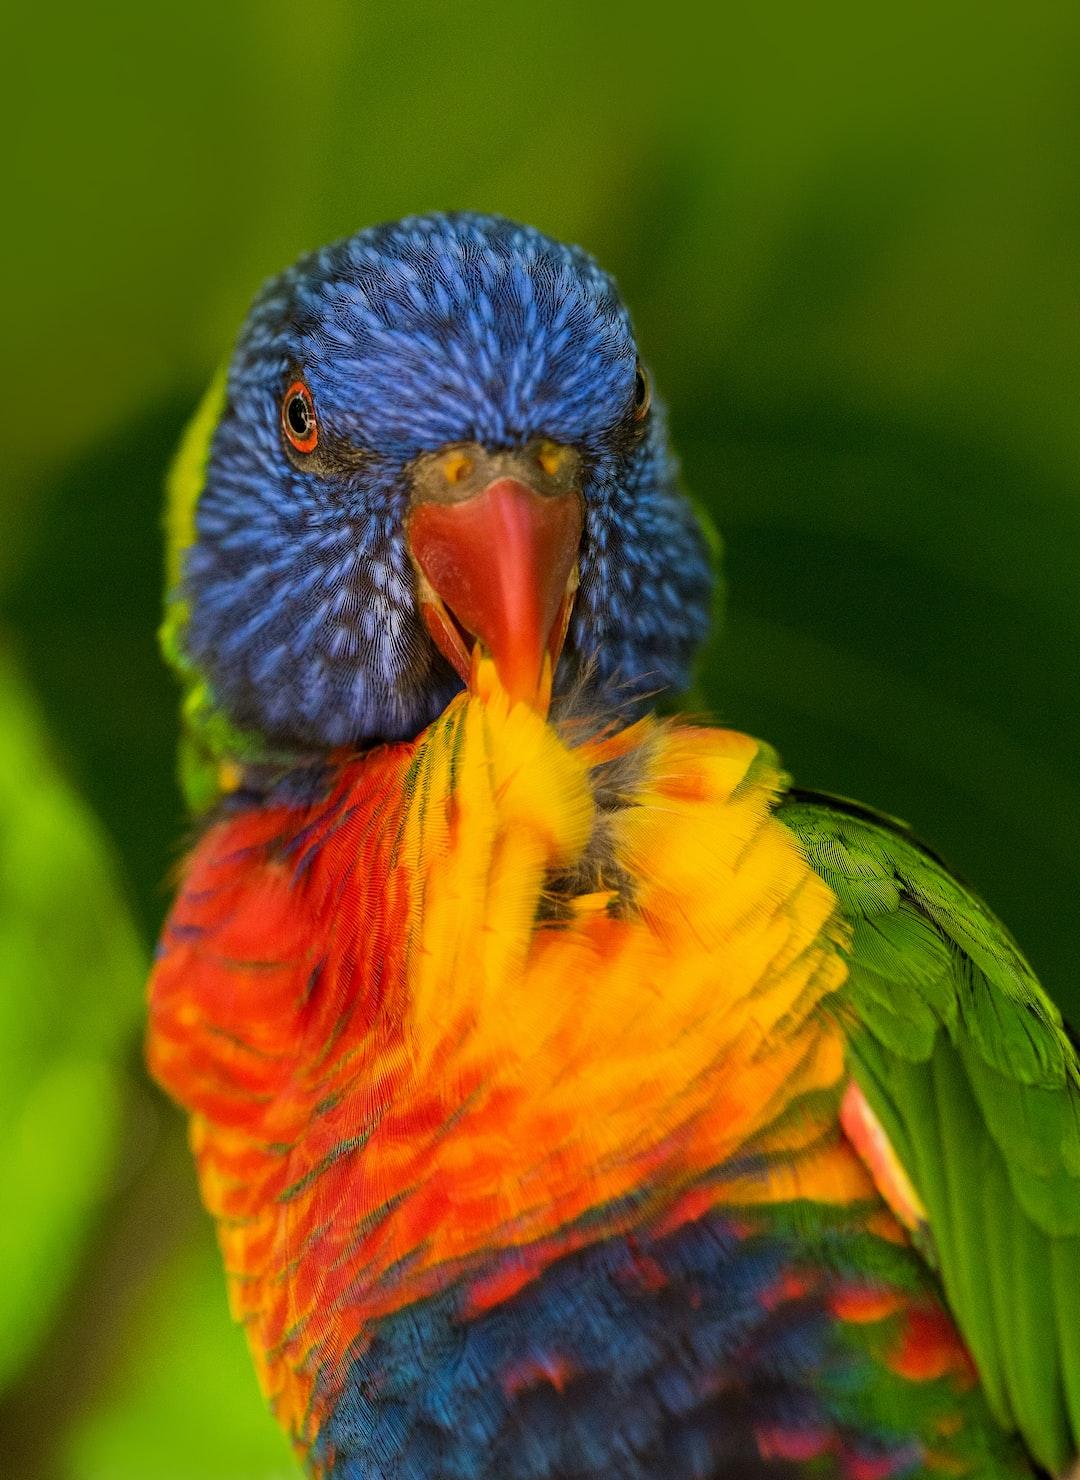 A Rainbow Lorikeet preens itself at Kuranda Birdworld, Australia.